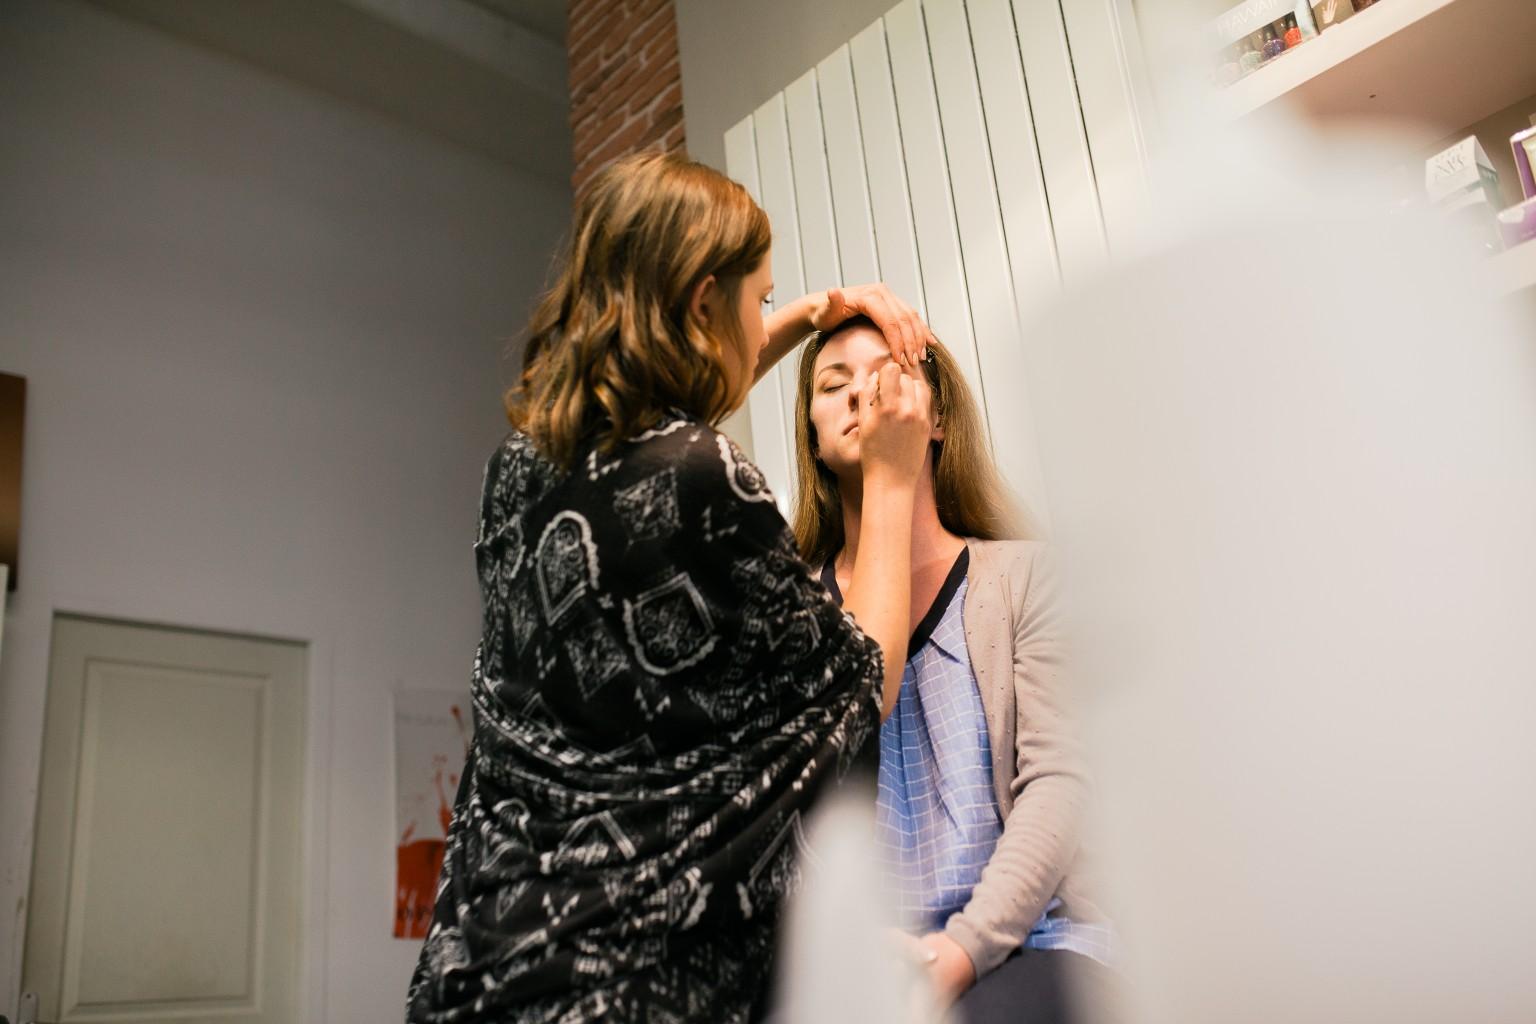 reportage mariage champ delaunay salon de coiffure atmosph hair mariage bellangreville calvados normandie